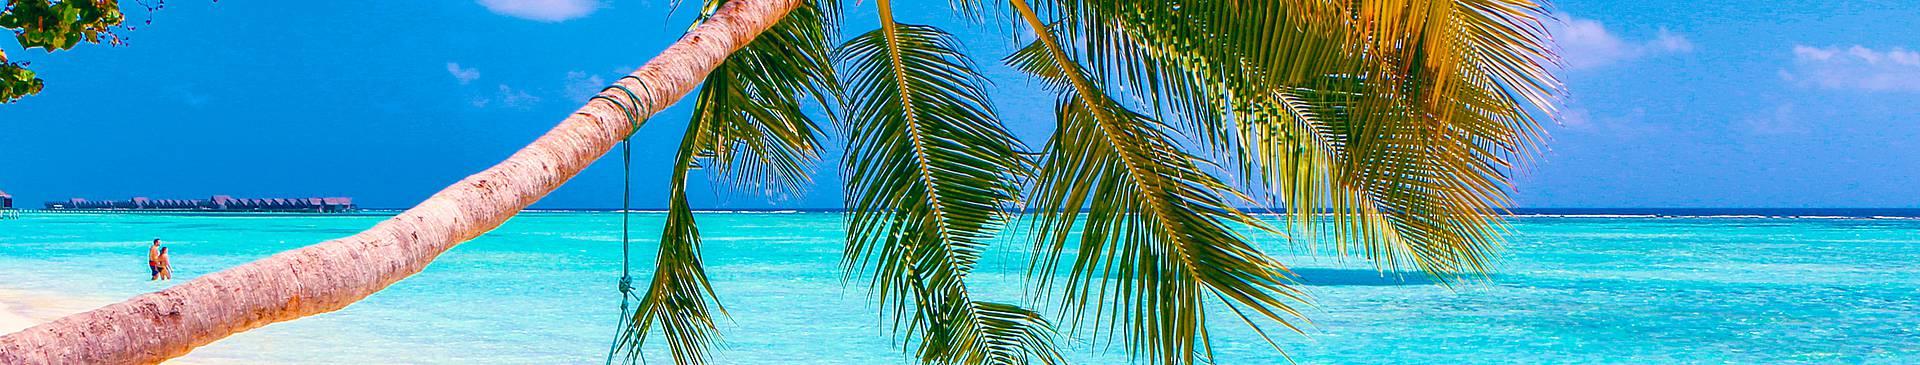 Viaggi al mare alle Maldive